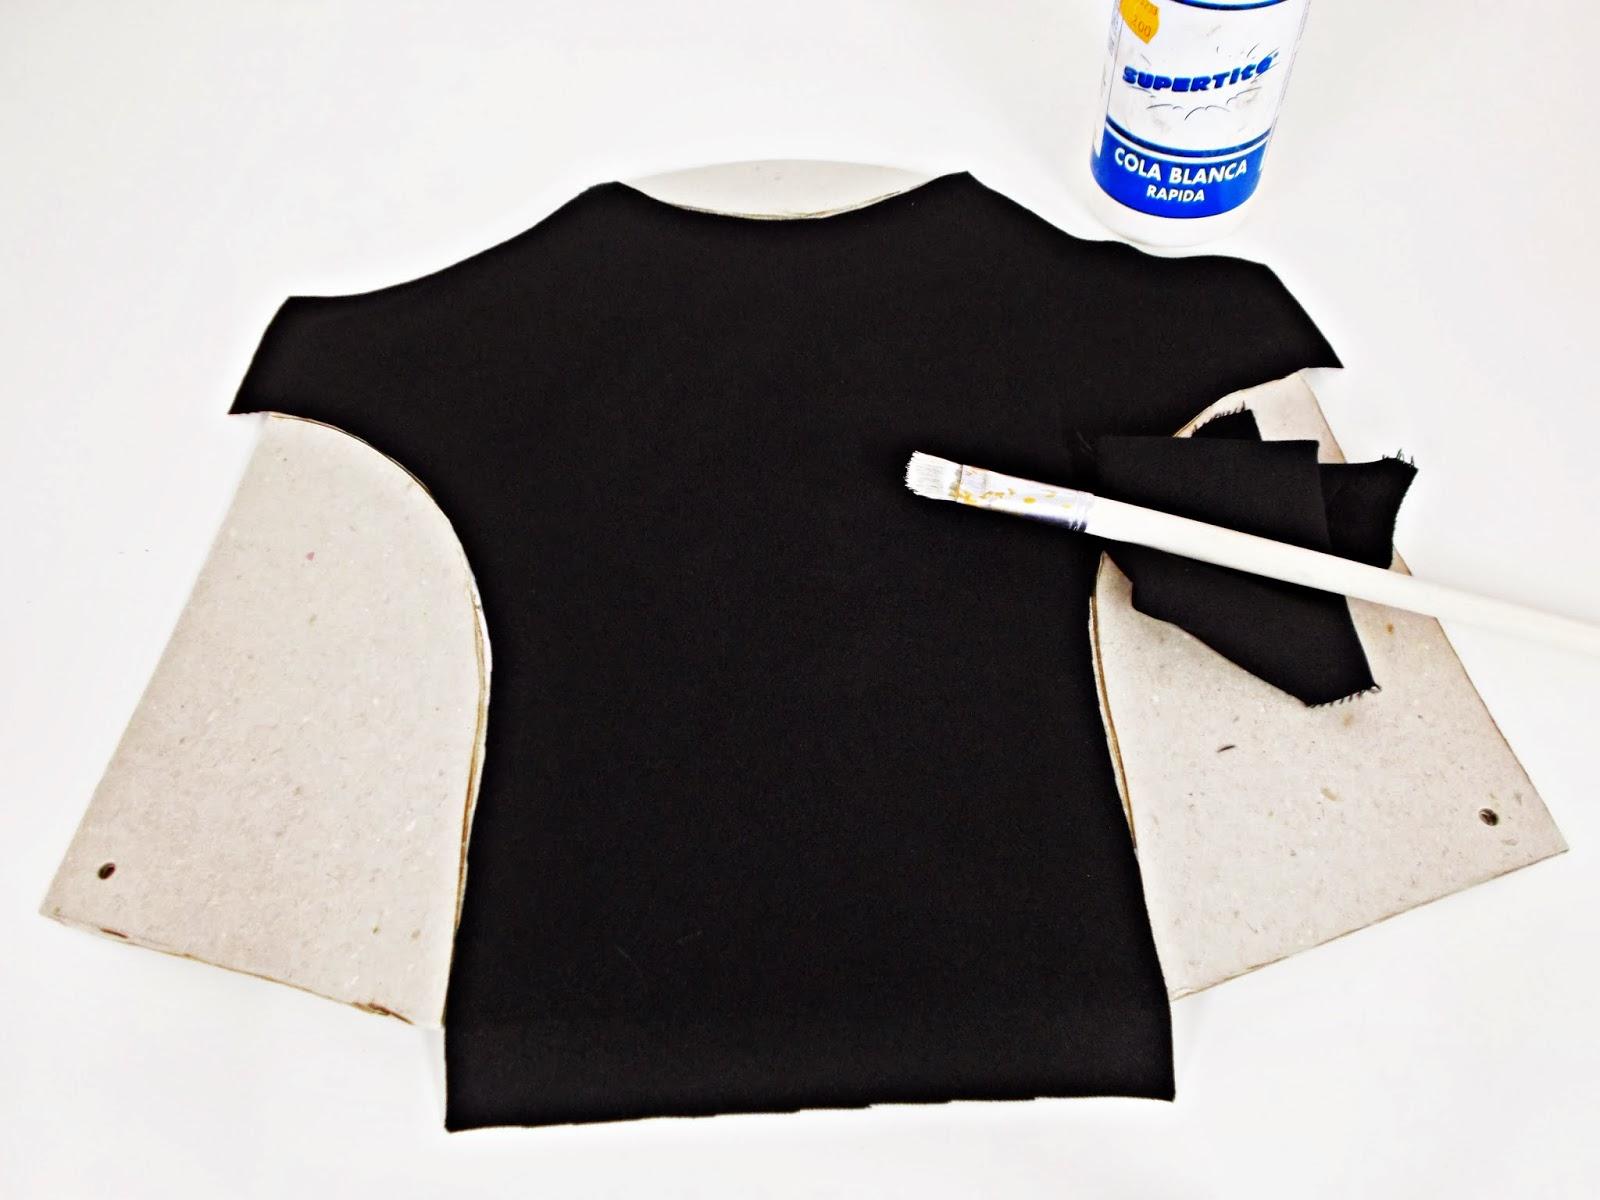 DIY-expositor-cartón-bisutería-soporte4